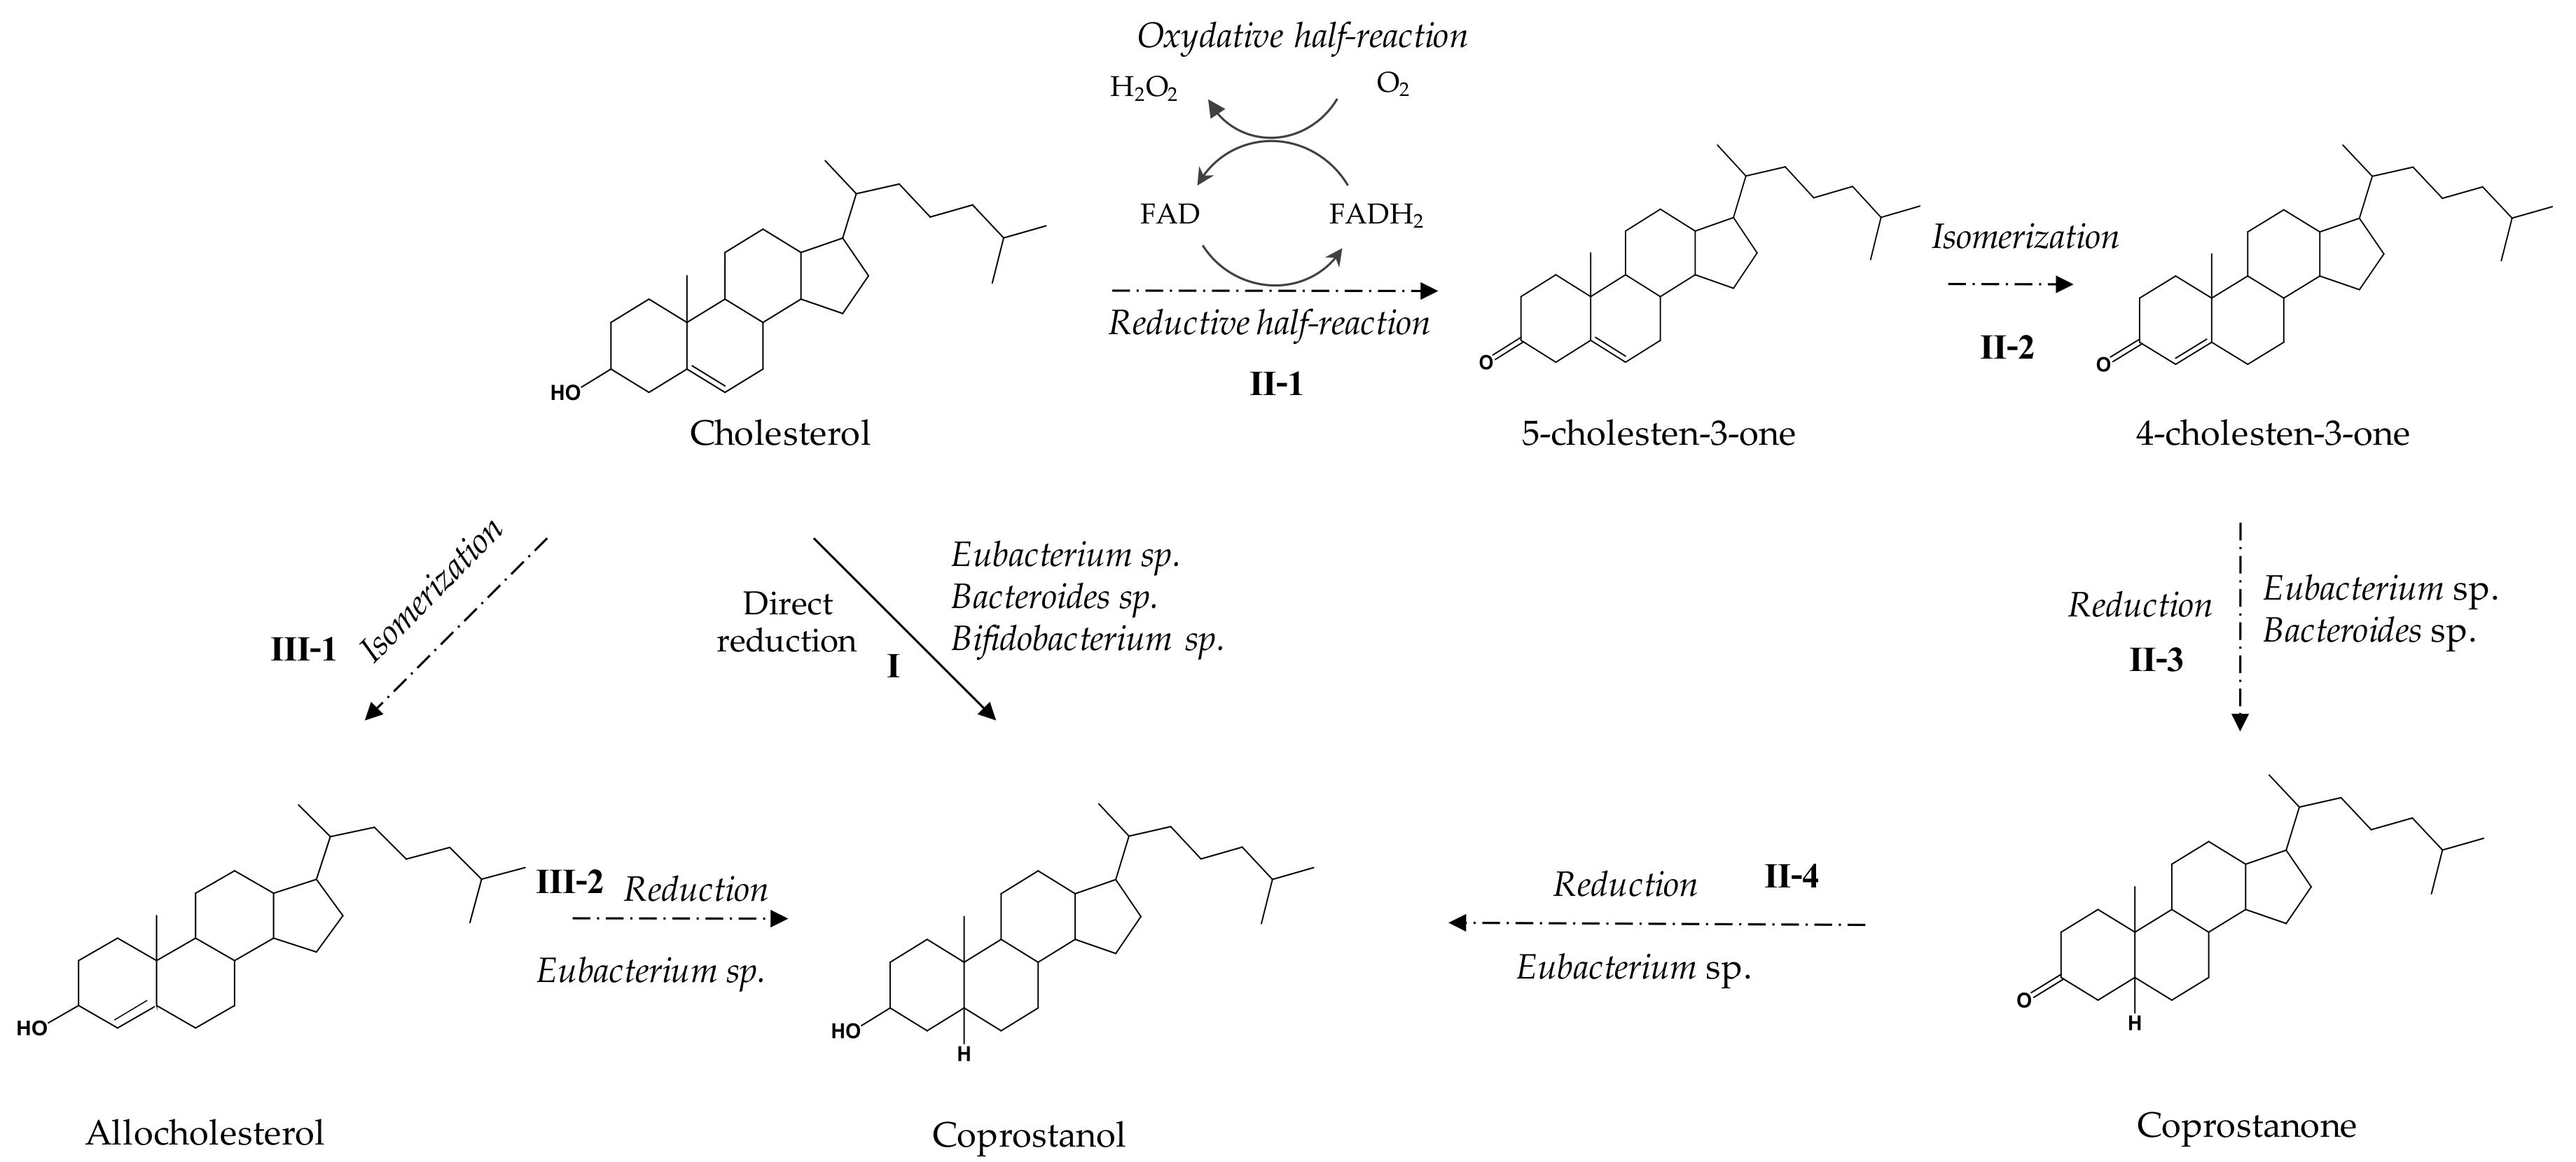 catalysts 09 00167 g002  figure 2